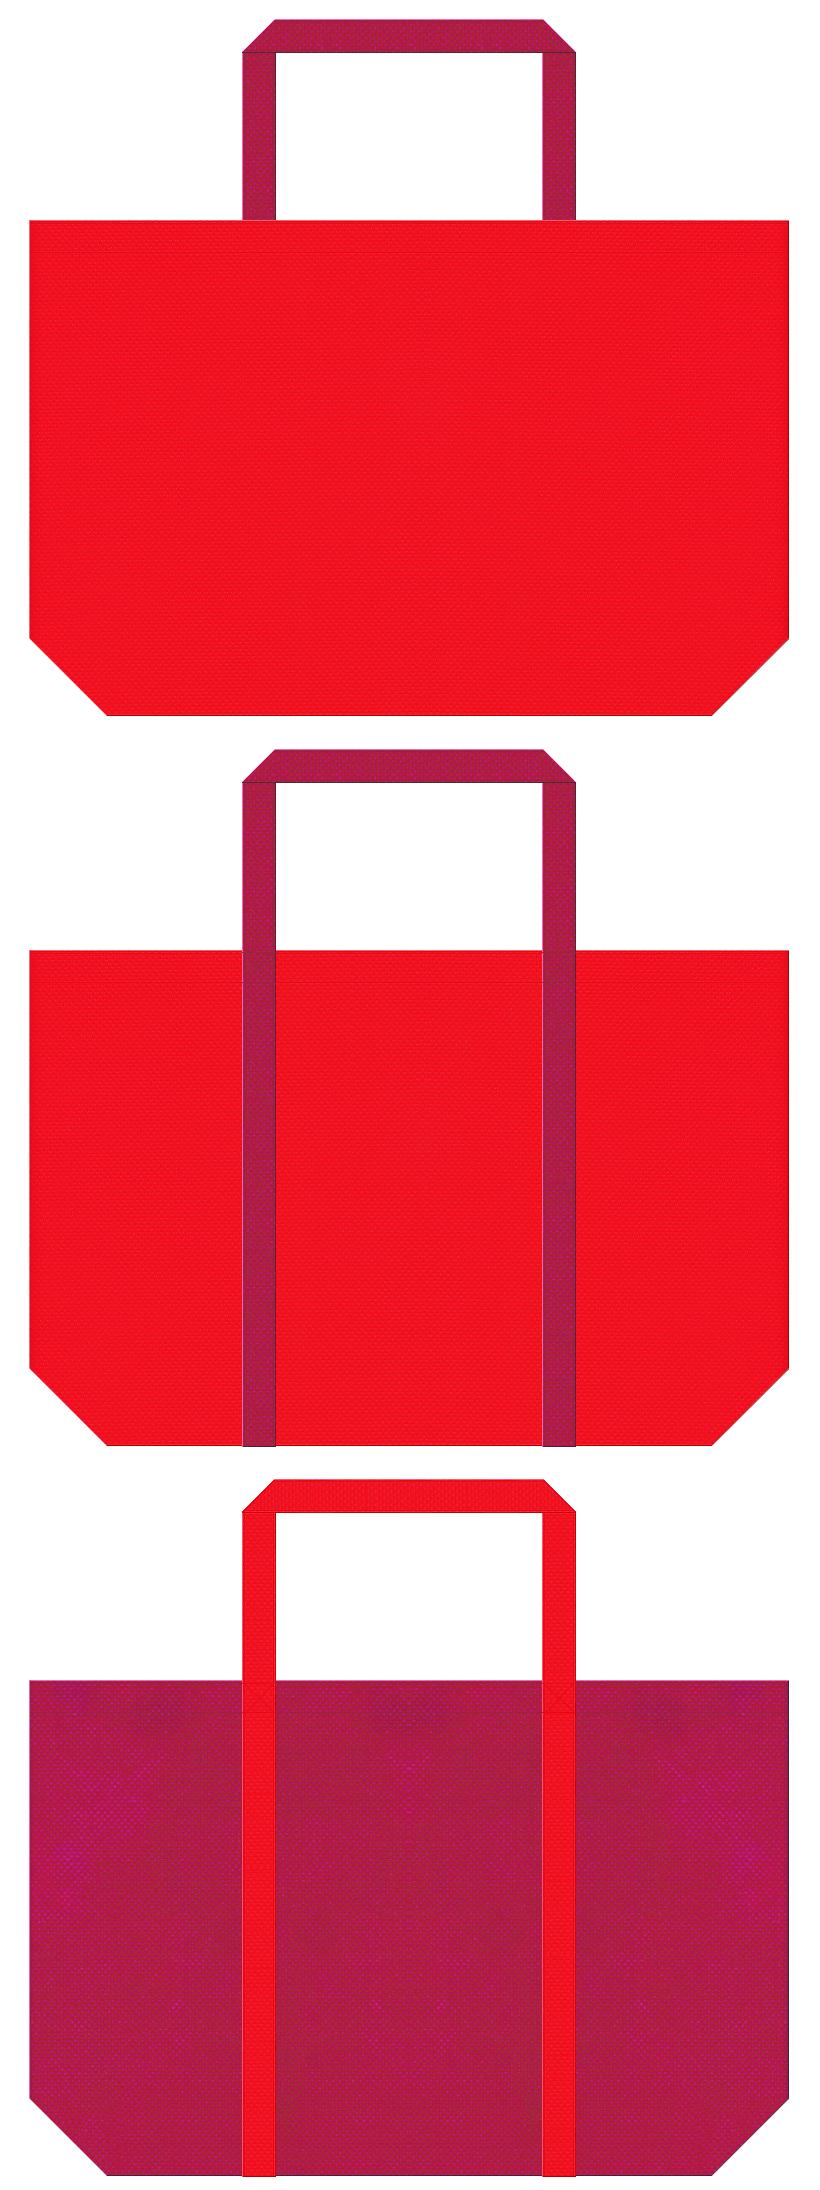 赤色と濃いピンク色の不織布ショッピングバッグデザイン。